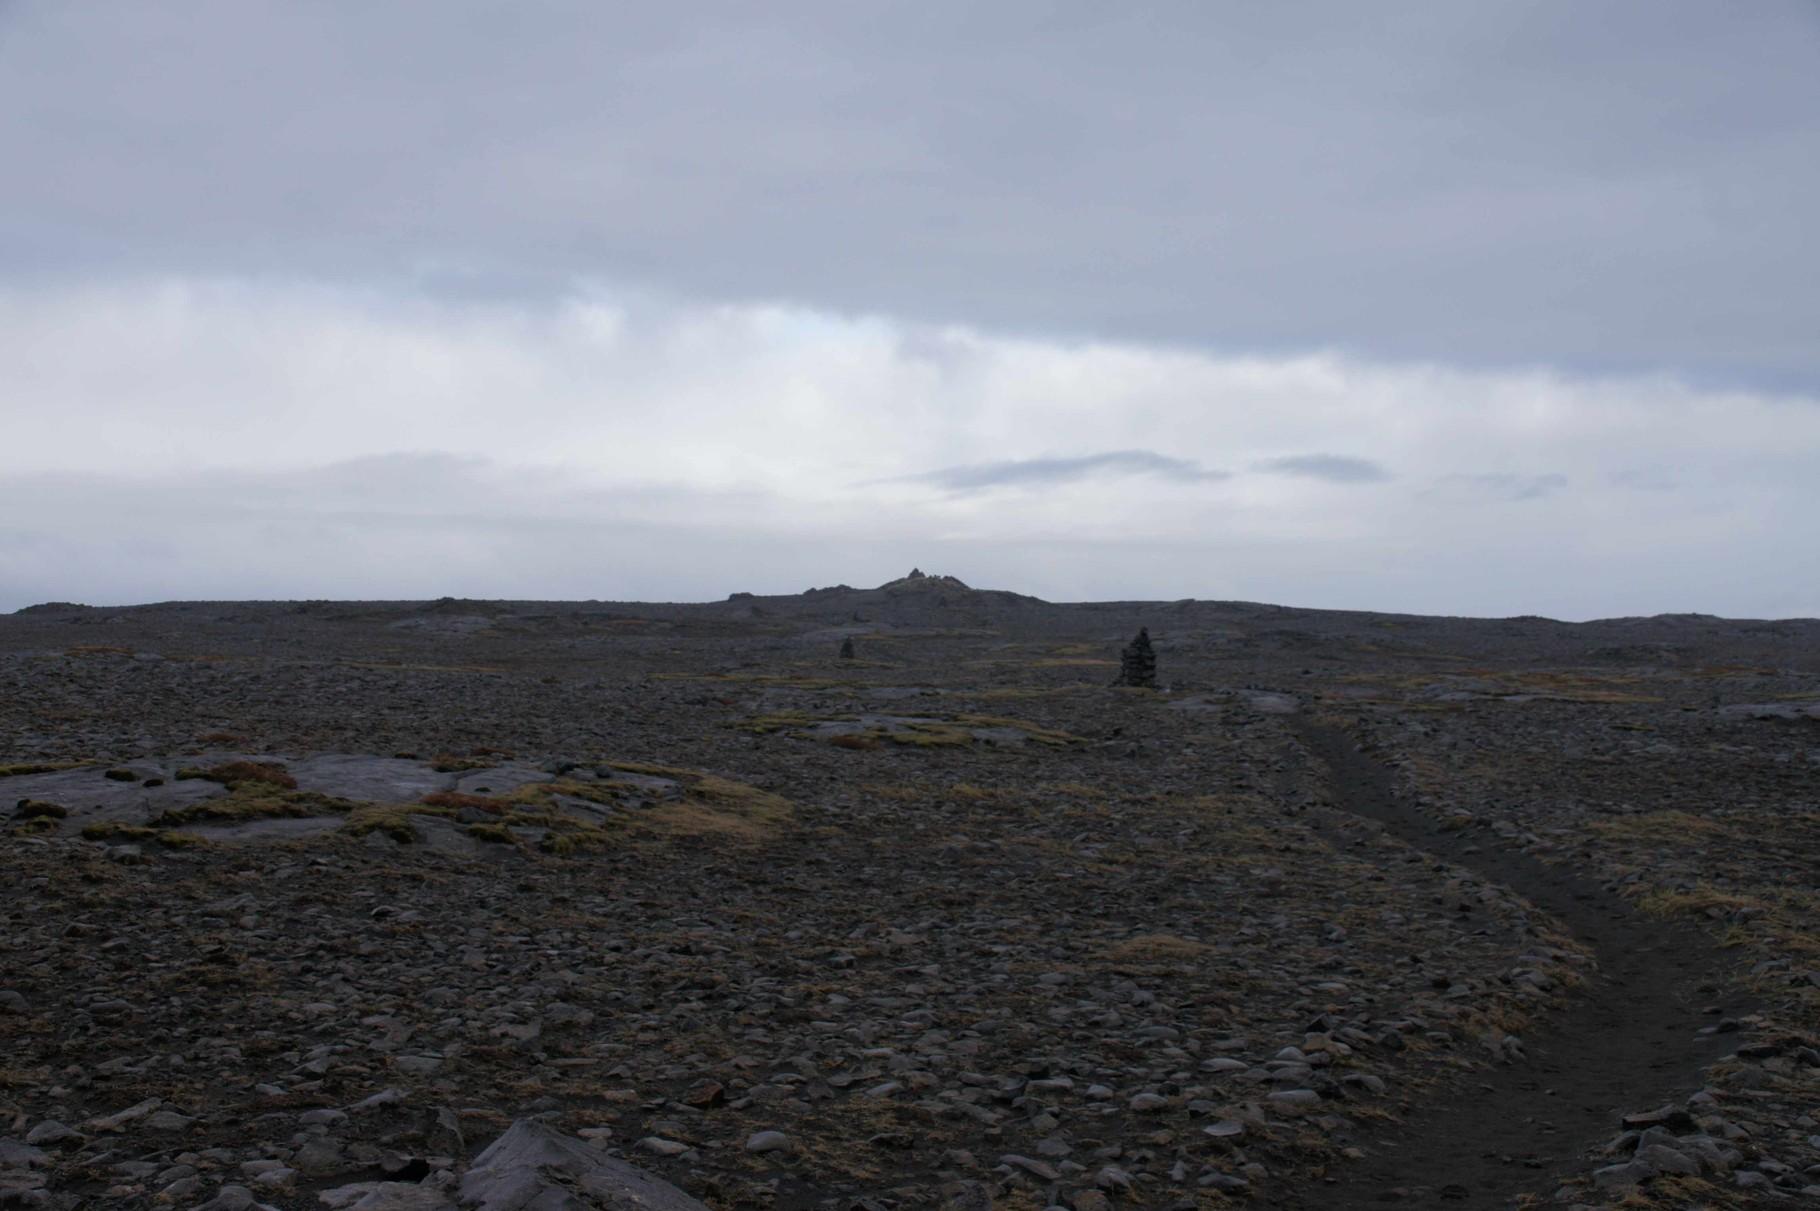 steiniger Weg zum Hafnaberg (Aussichtspunkt für Vogelbeobachtung)